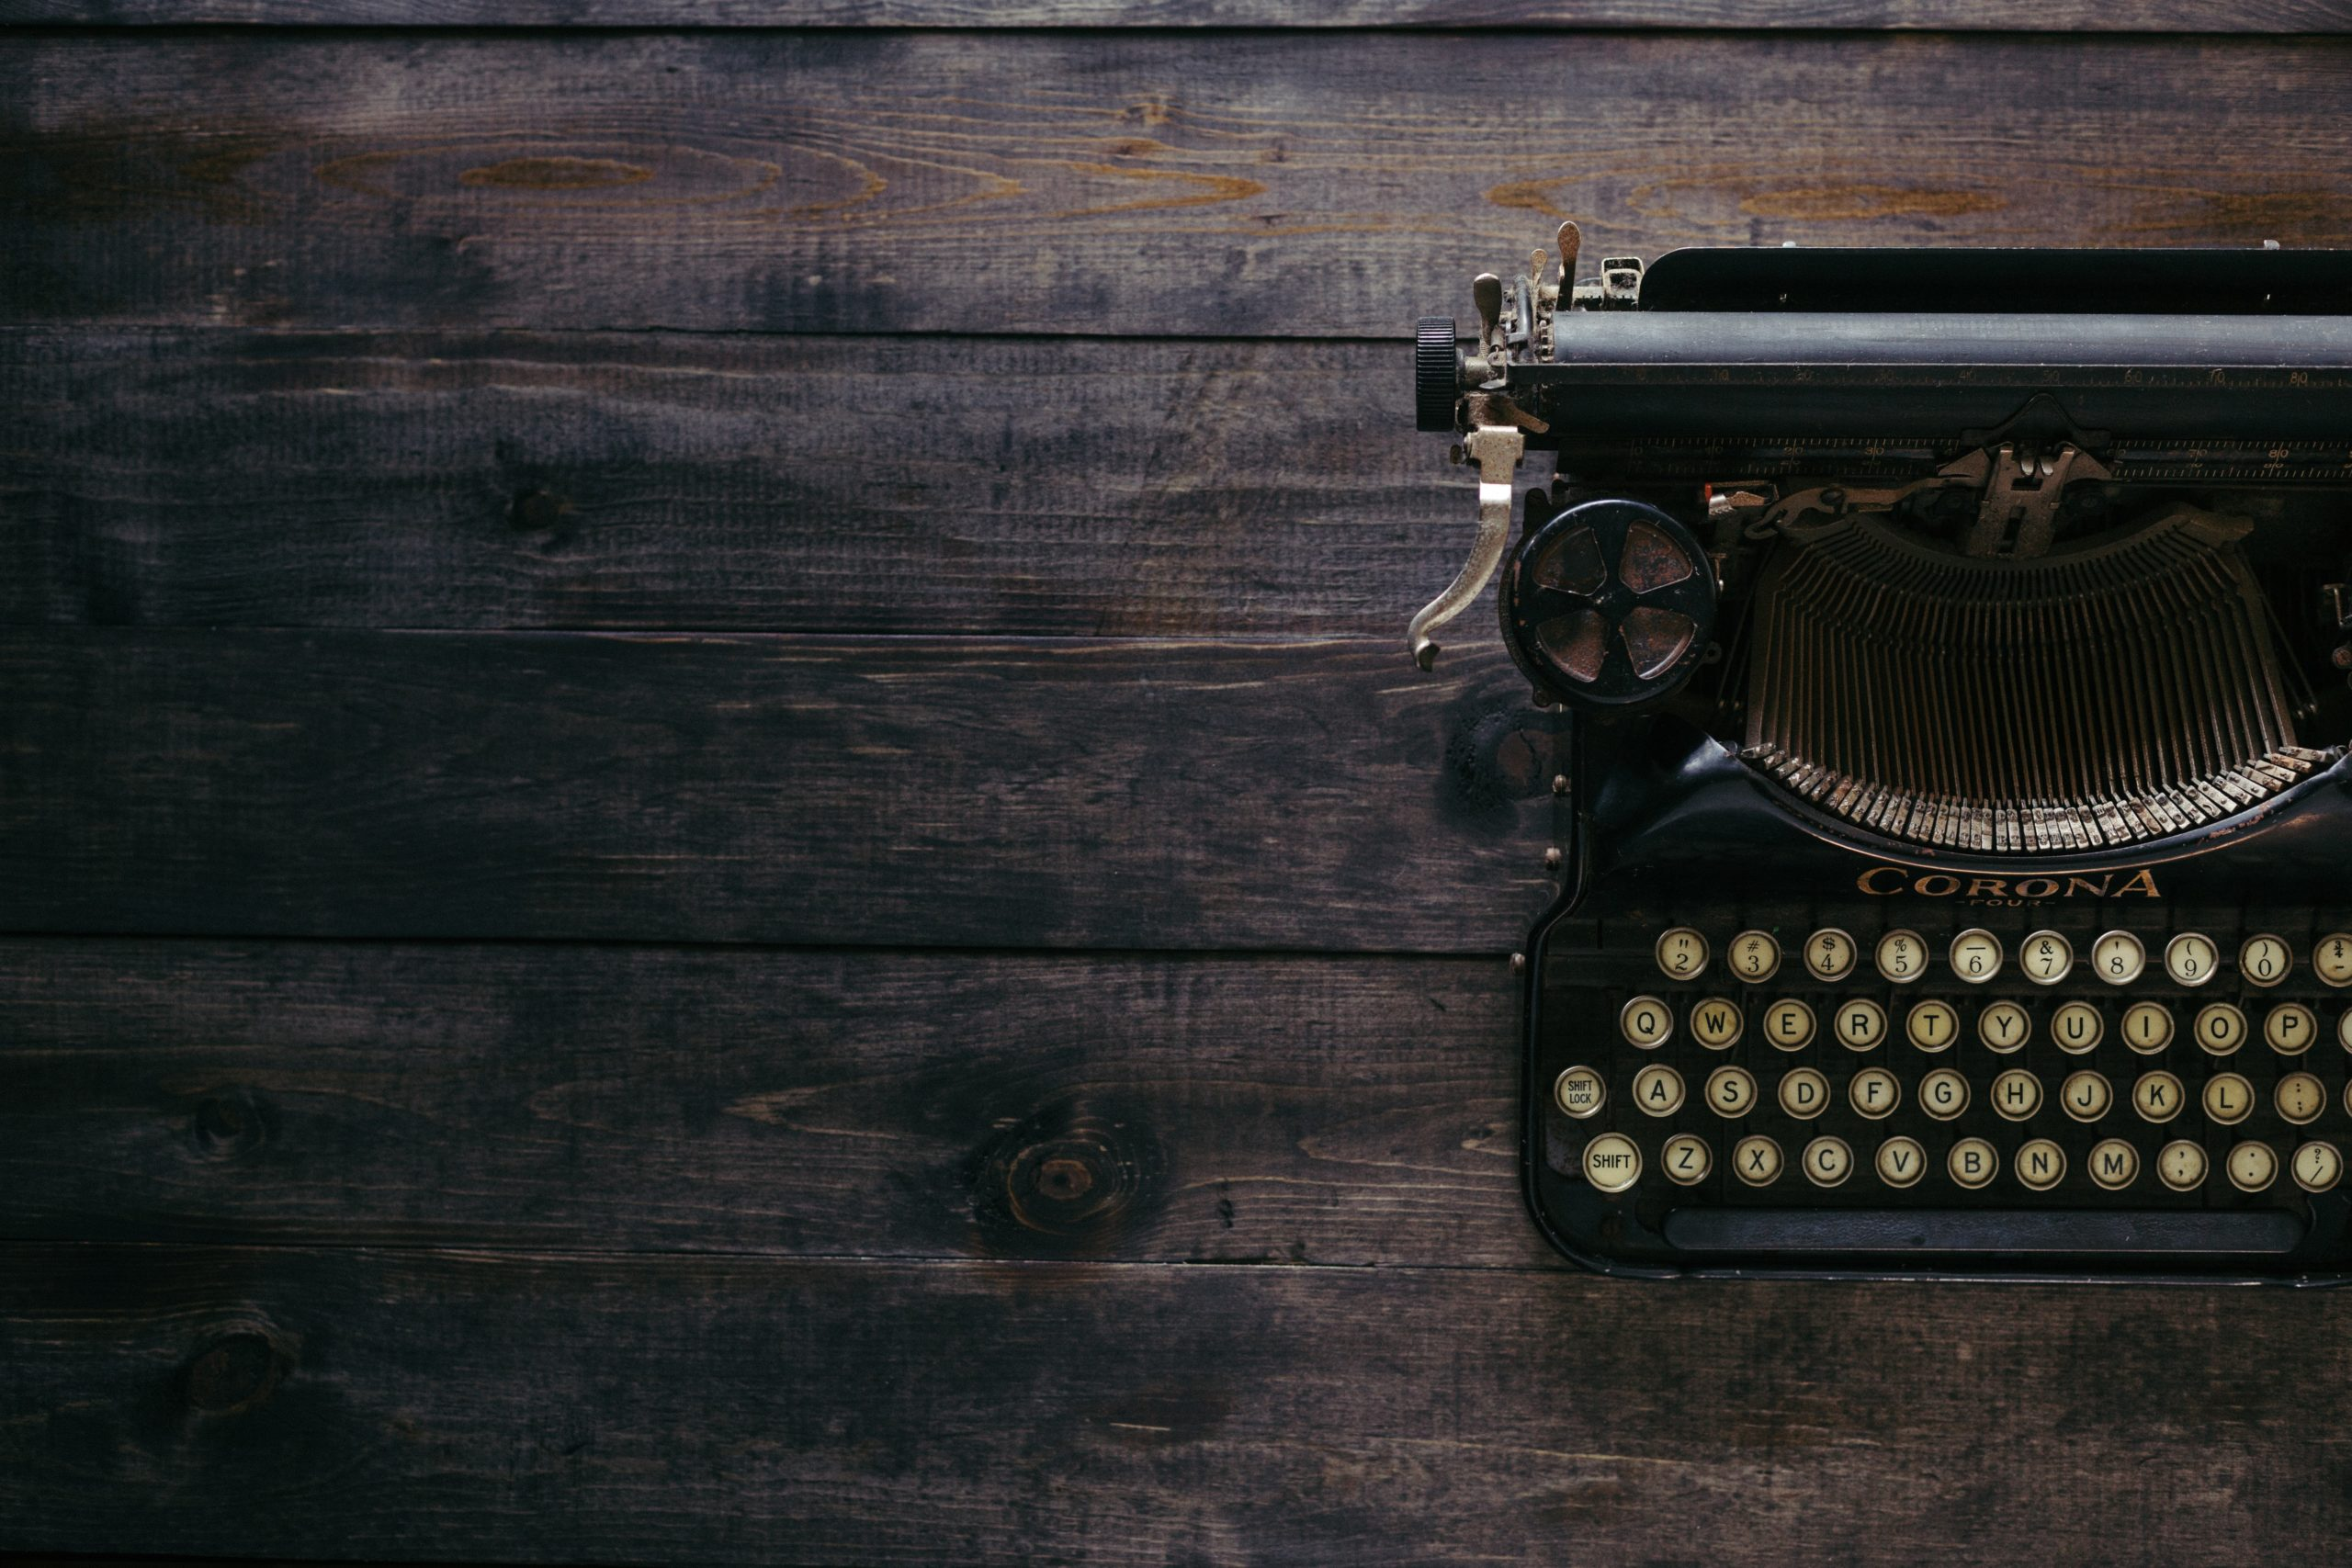 Typewriter on wooden desk